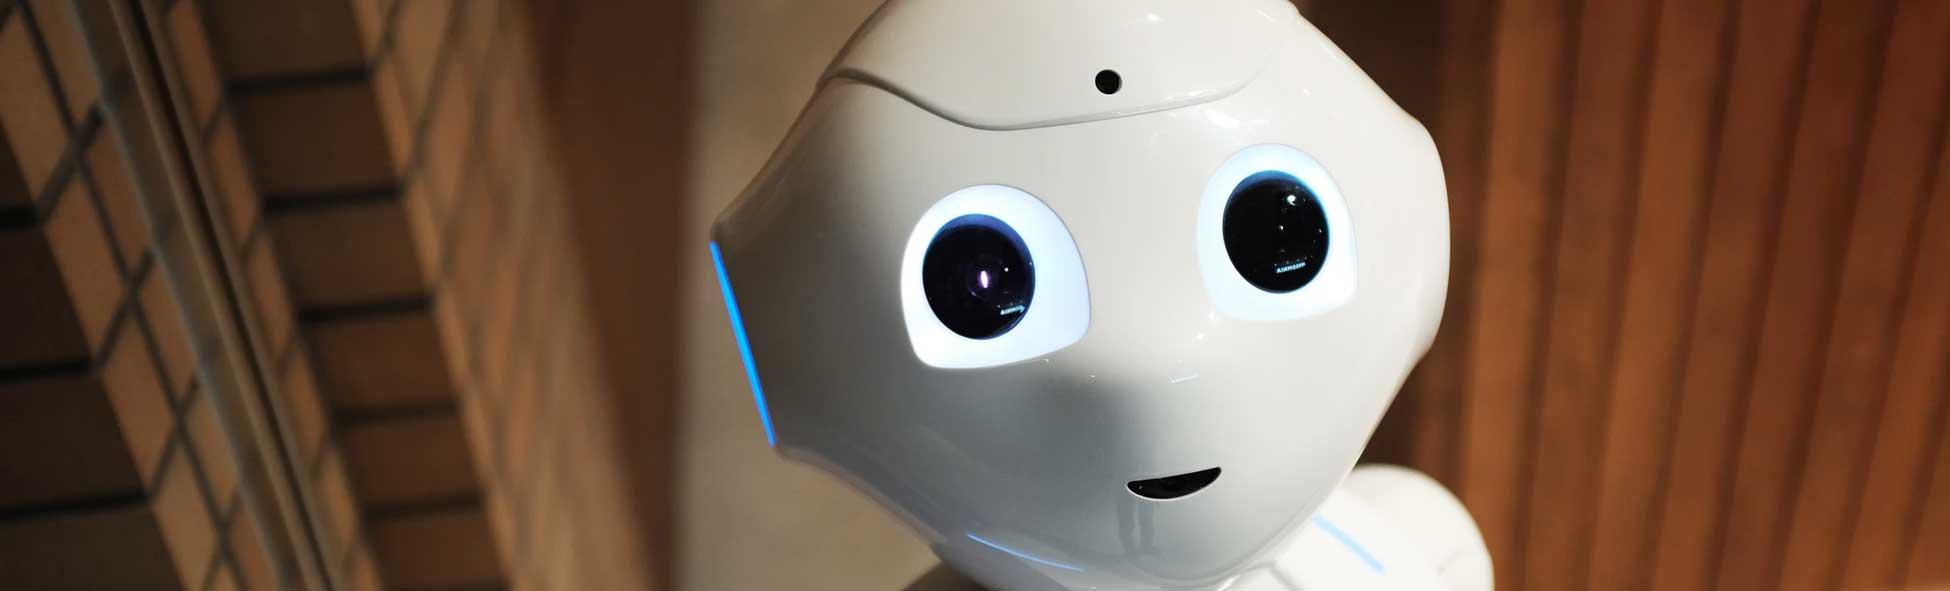 AI och maskininlärning hjälper jobbsökare att hitta passande jobb snabbare